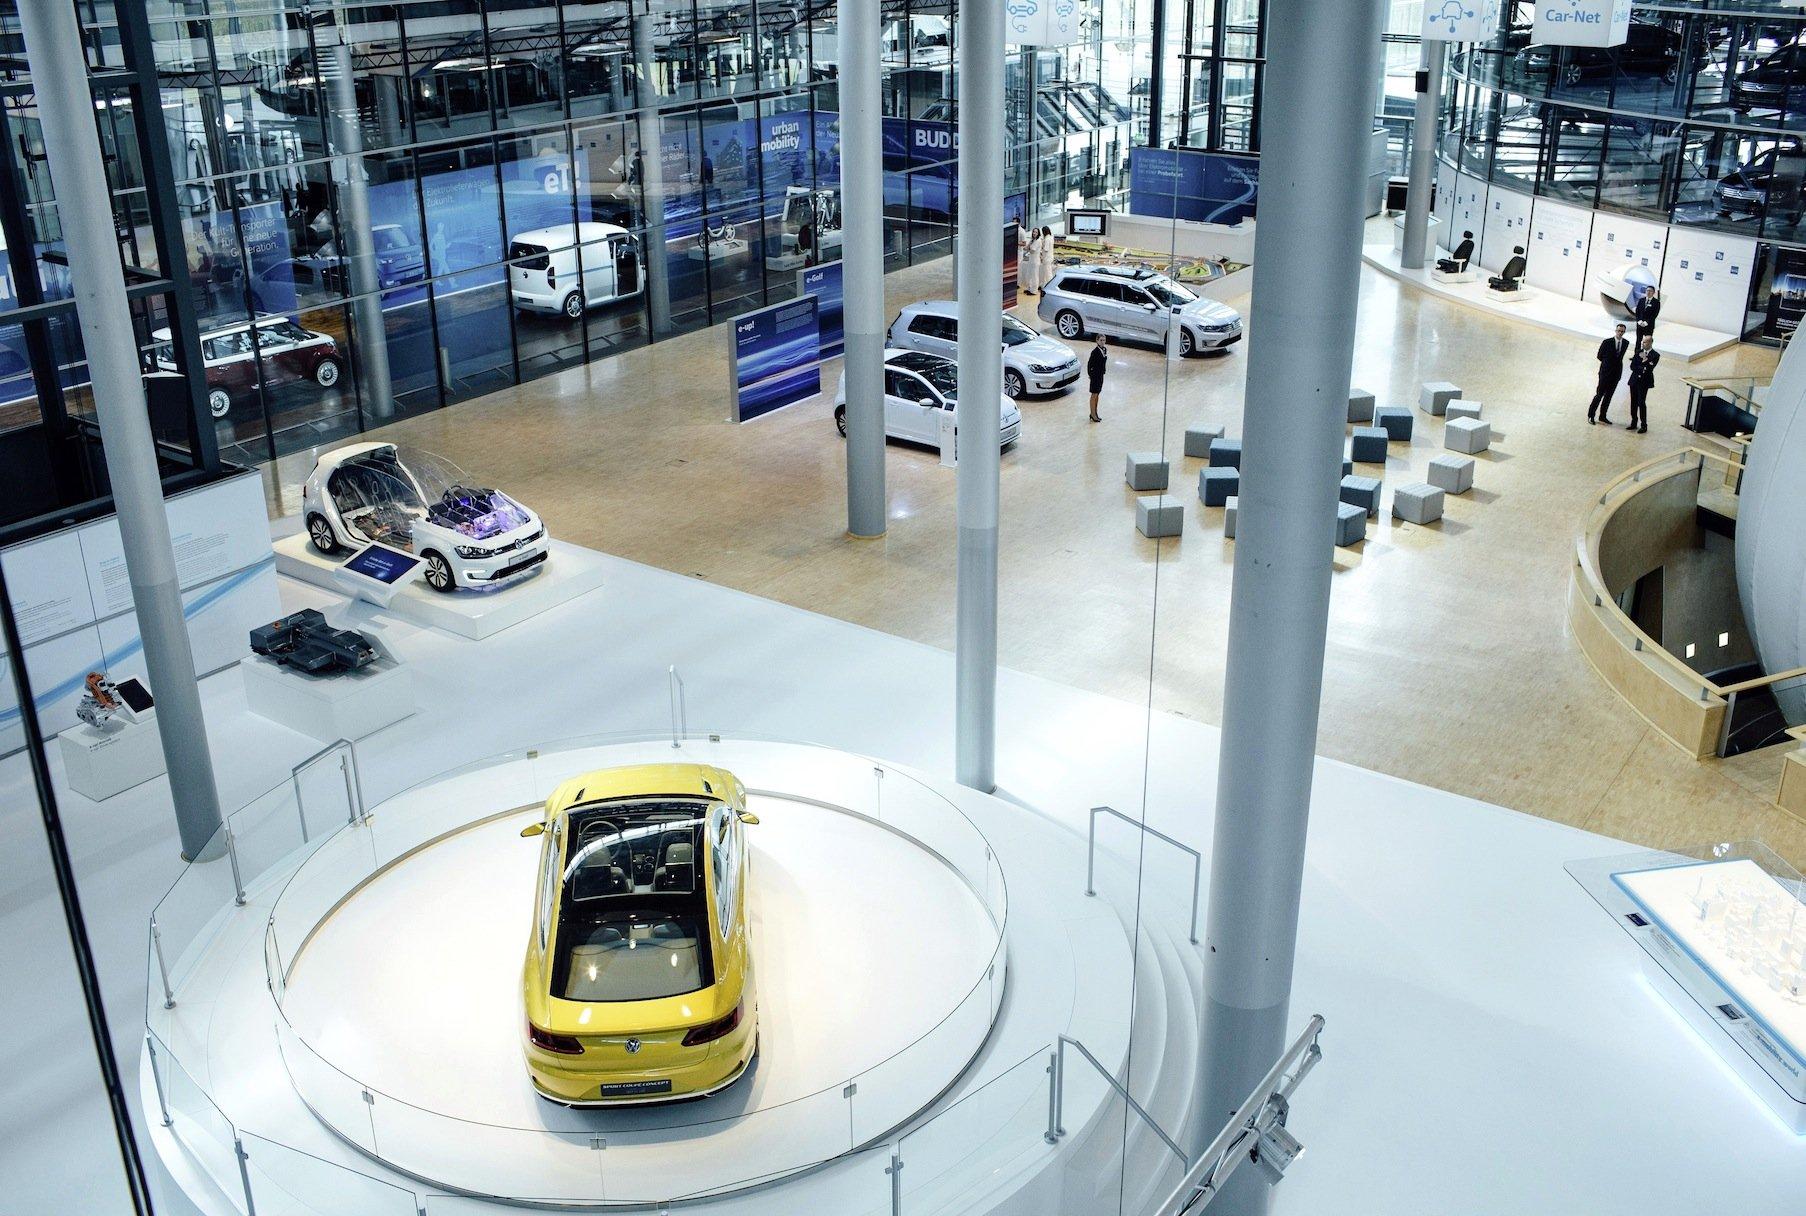 Ausstellung in der Gläsernen Manufaktur in Dresden: Die Verbrauchsangaben werden in Zukunft zwischen zwei und sechs Gramm CO2 pro Kilometer steigen.